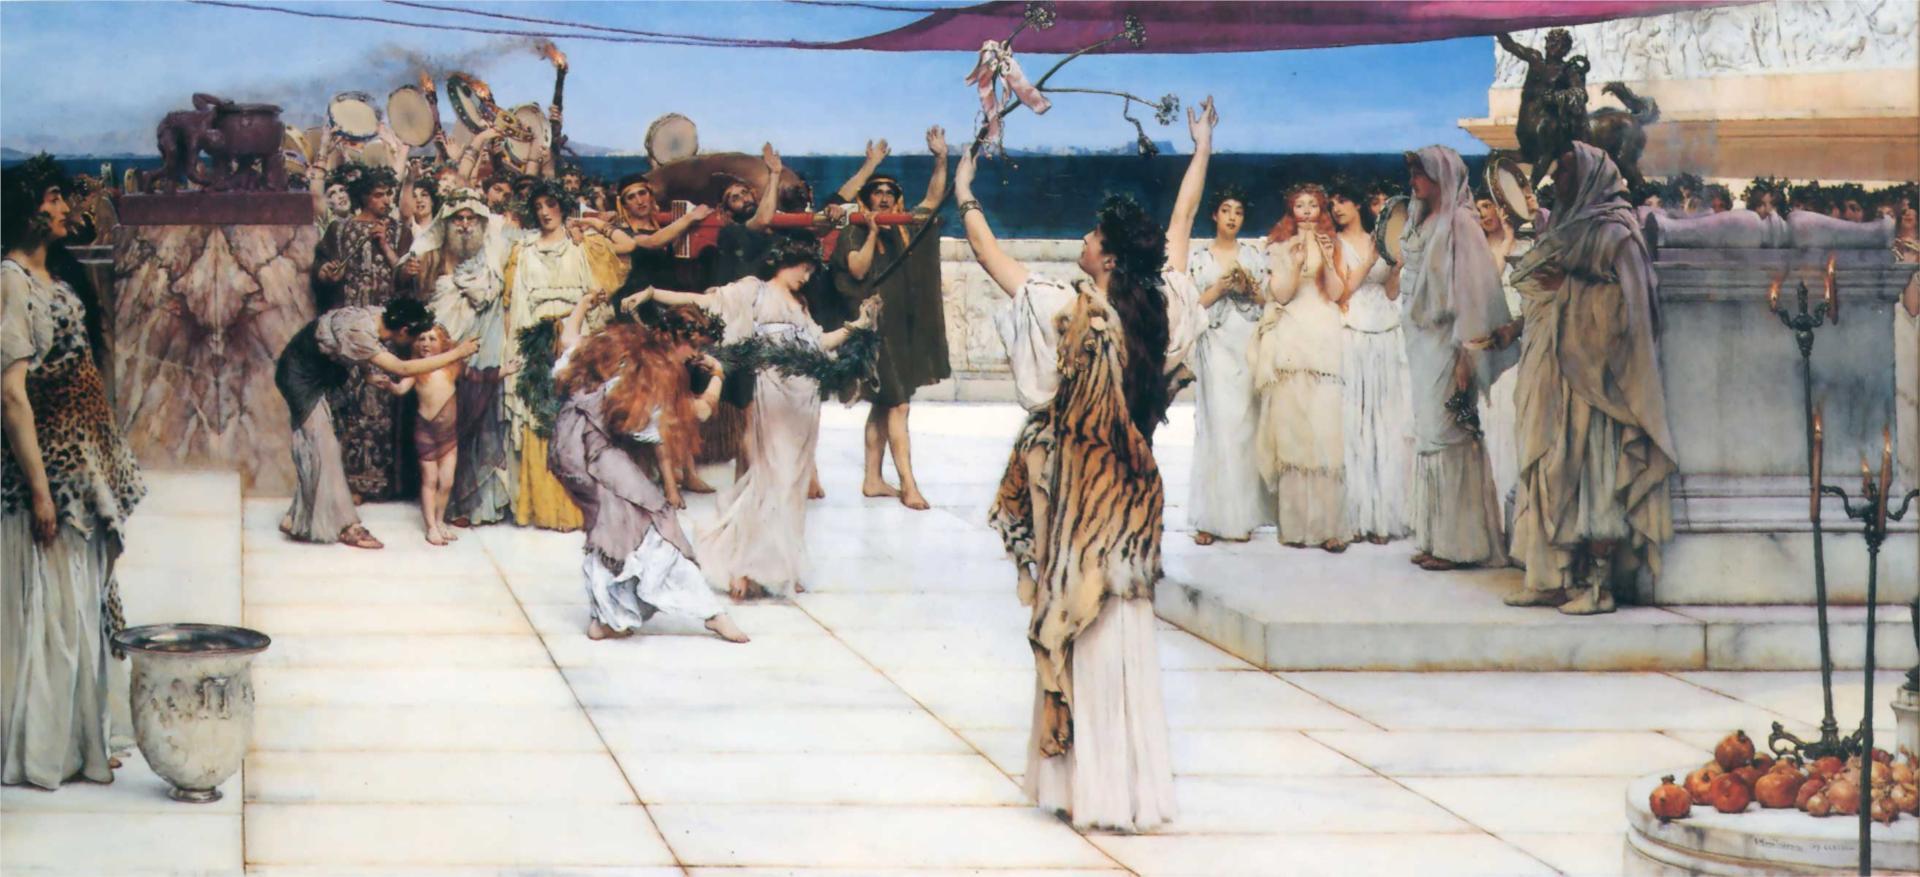 Dedikacija Bacchus sero Lawrence Alma-Tadema, 1889